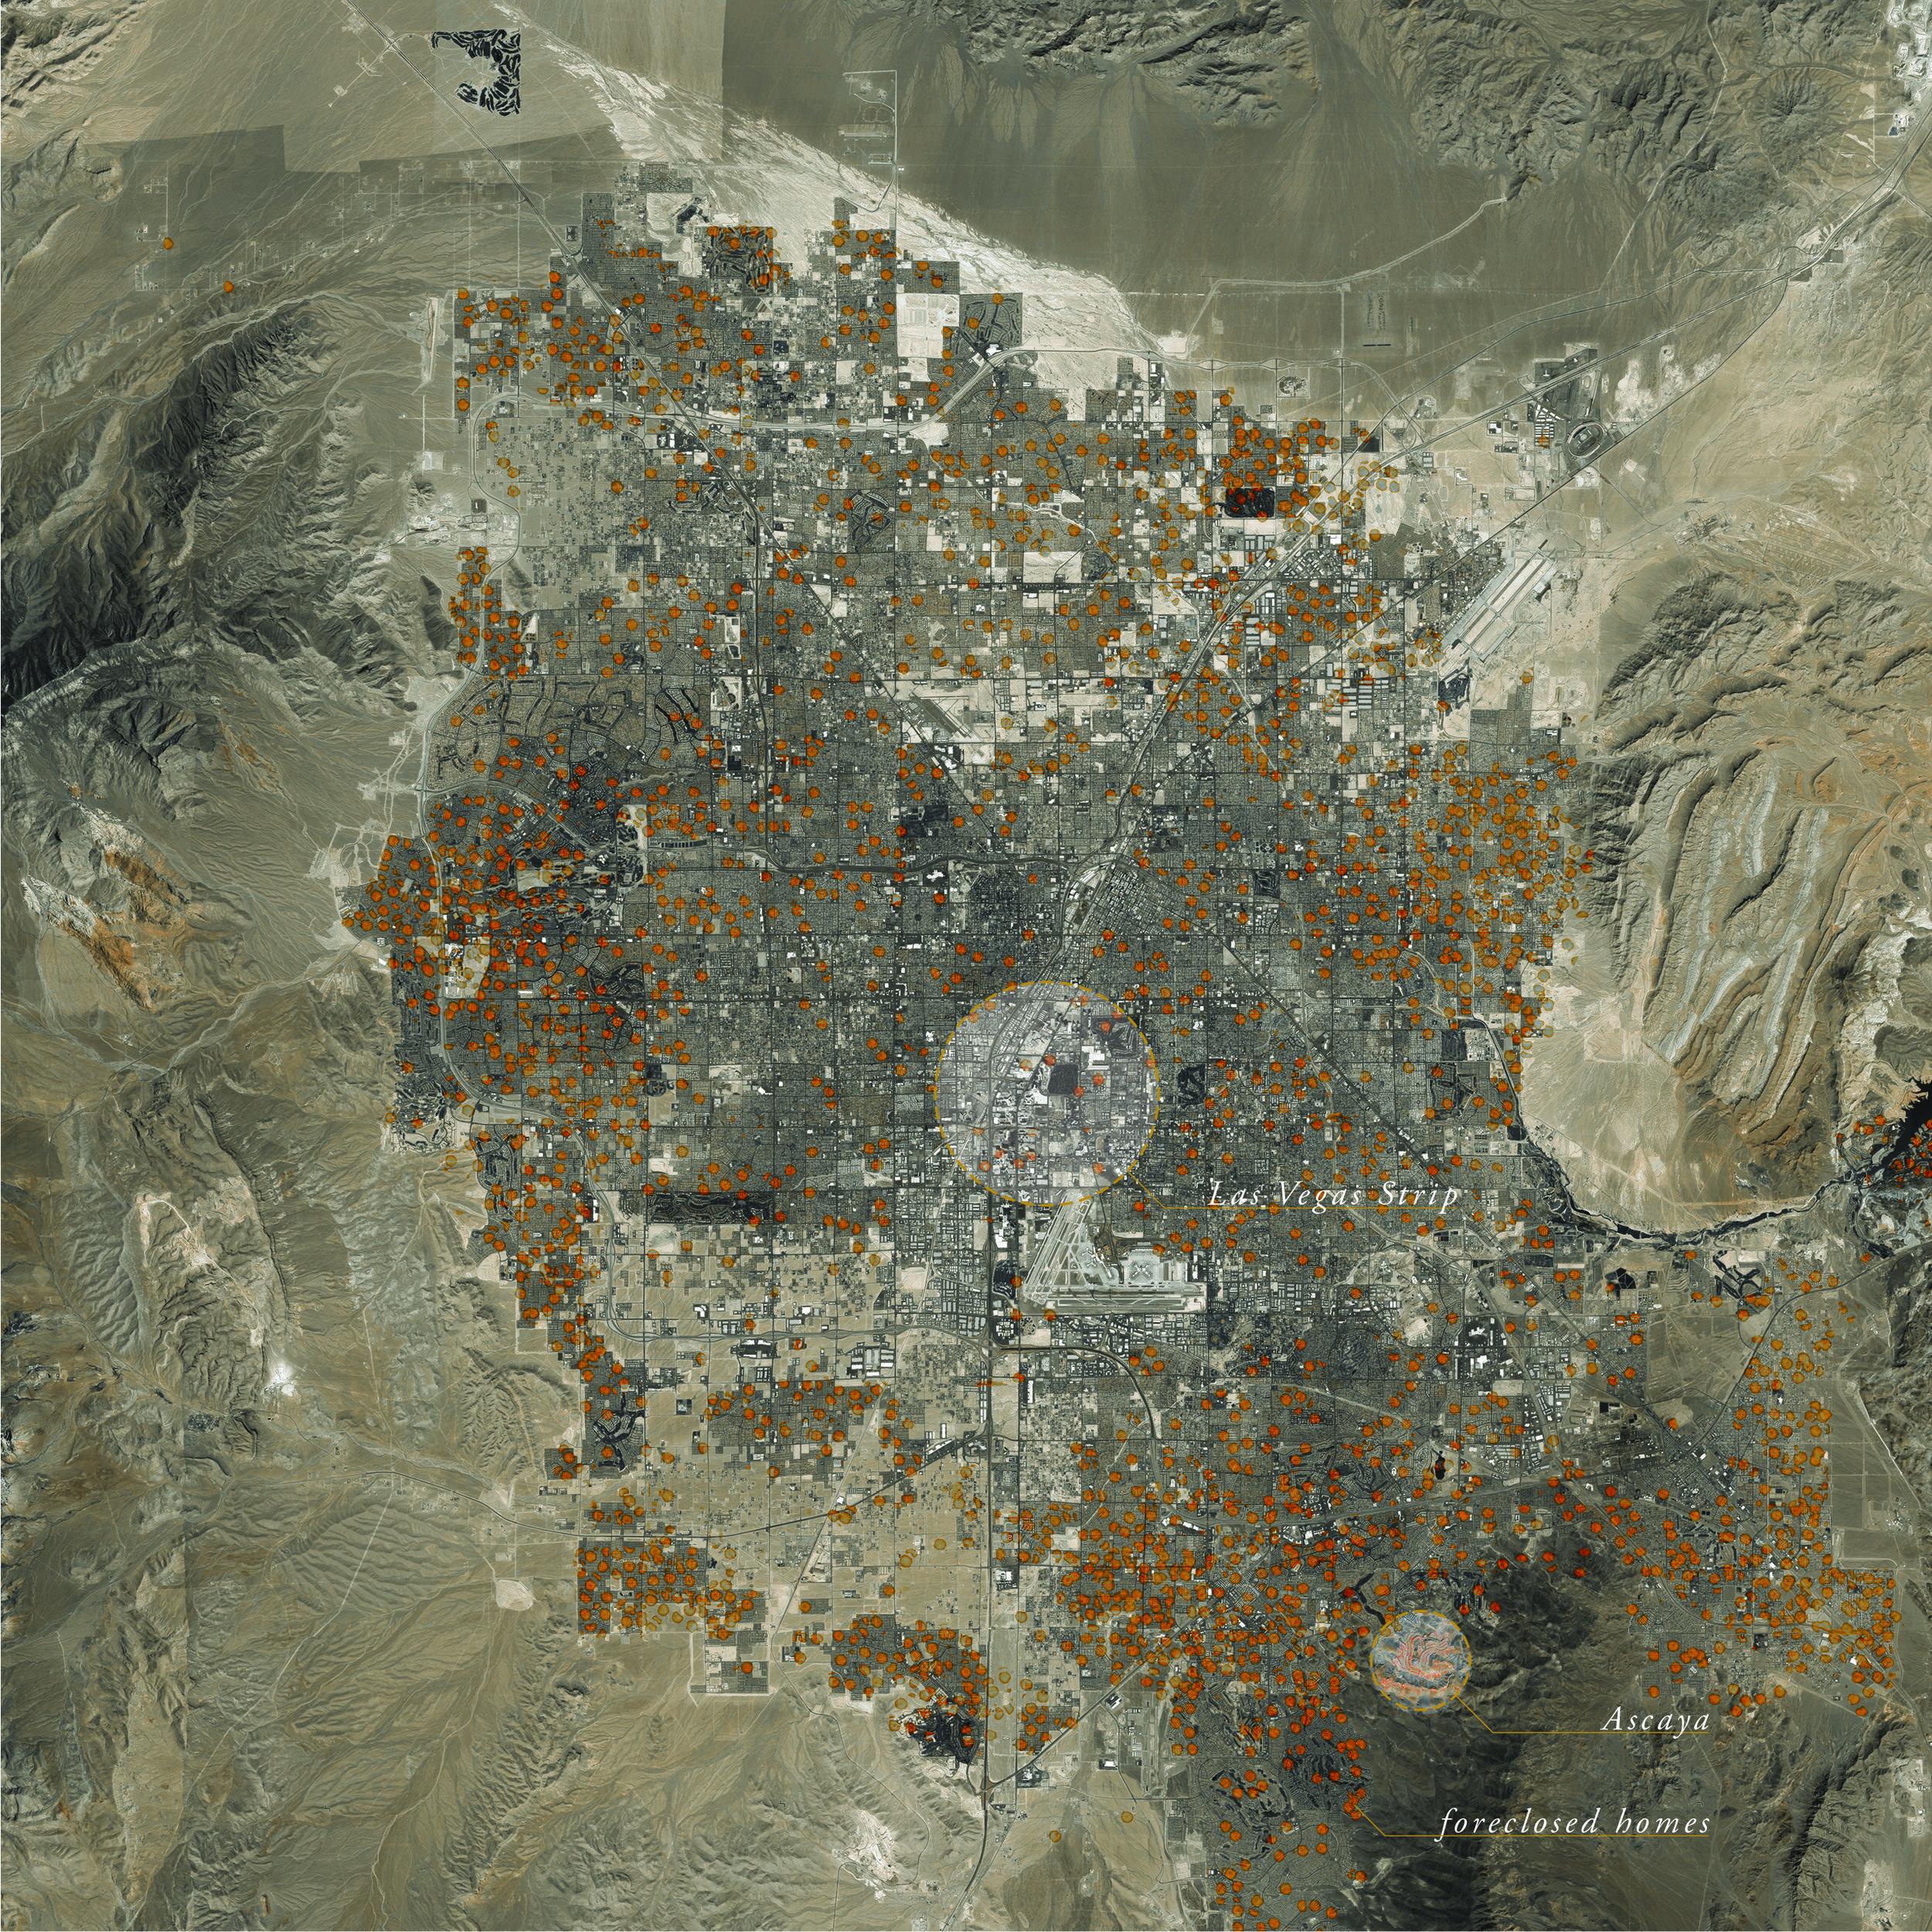 Las Vegas: A Foreclosure Epidemic (Image: Roy Cloutier)